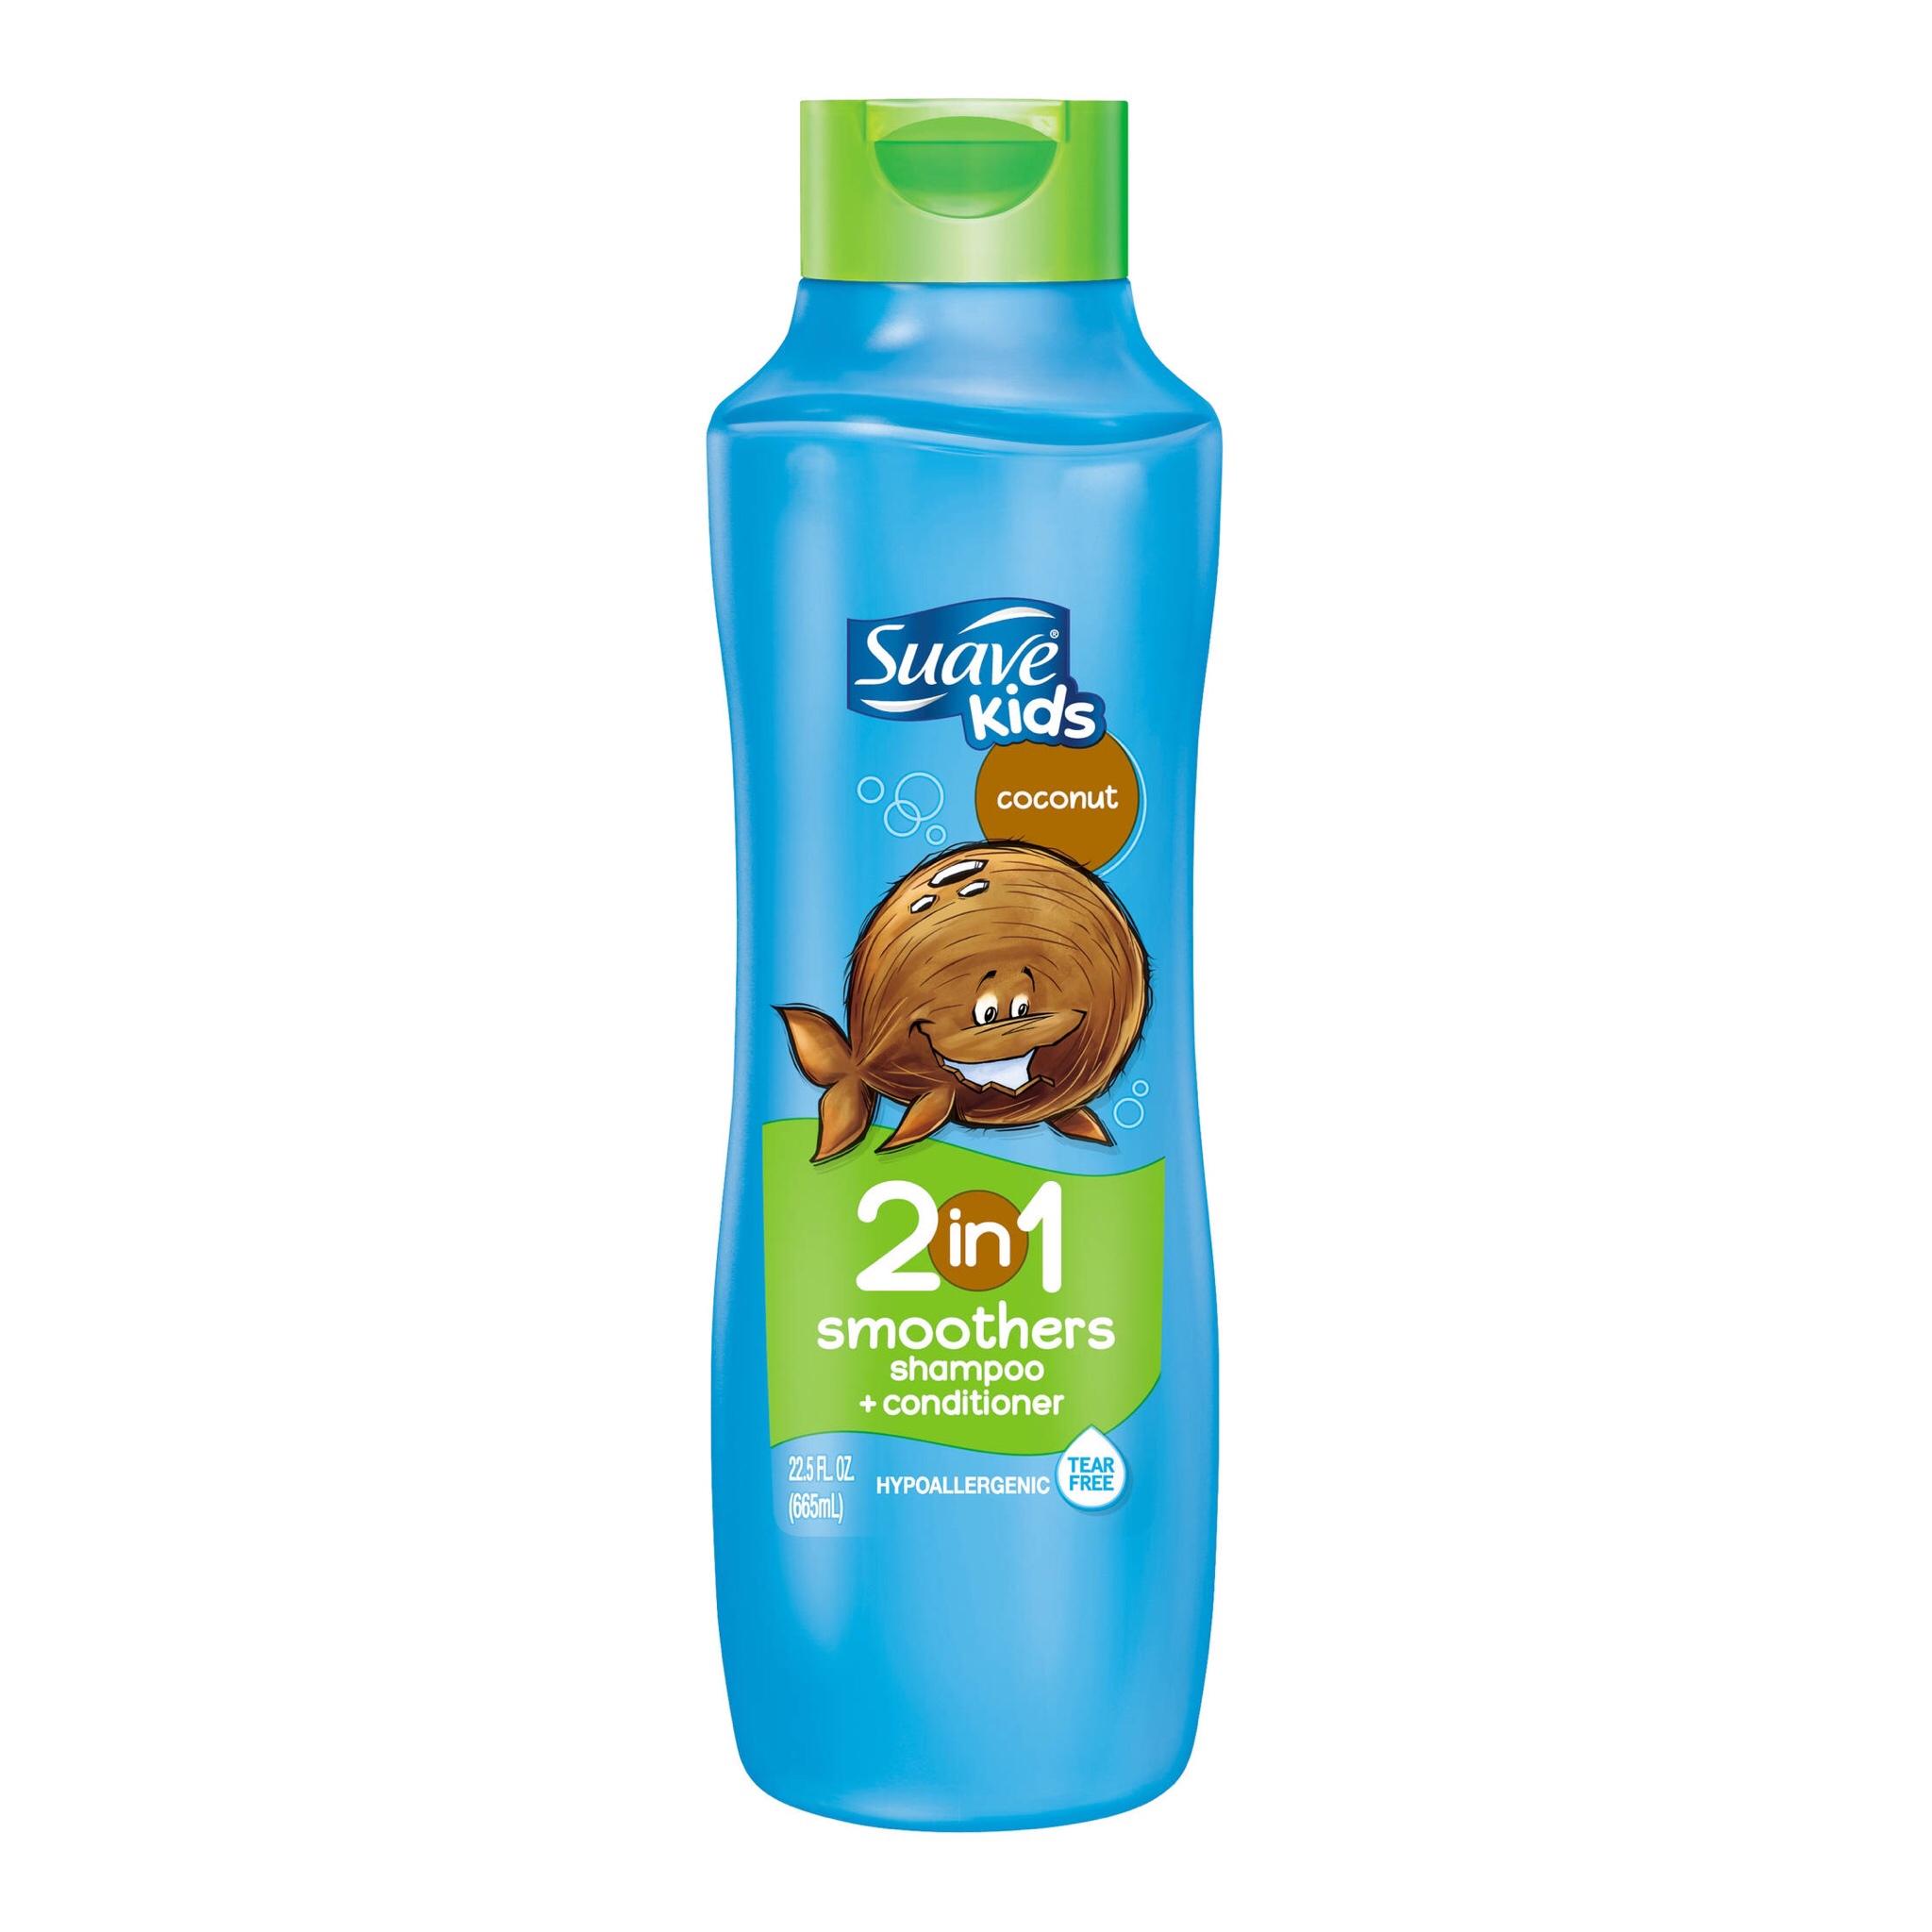 แชมพูผสมครีมนวดผมสำหรับเด็ก Suave Kids 2-in-1 Smoothers Shampoo + Conditioner (Coconut)